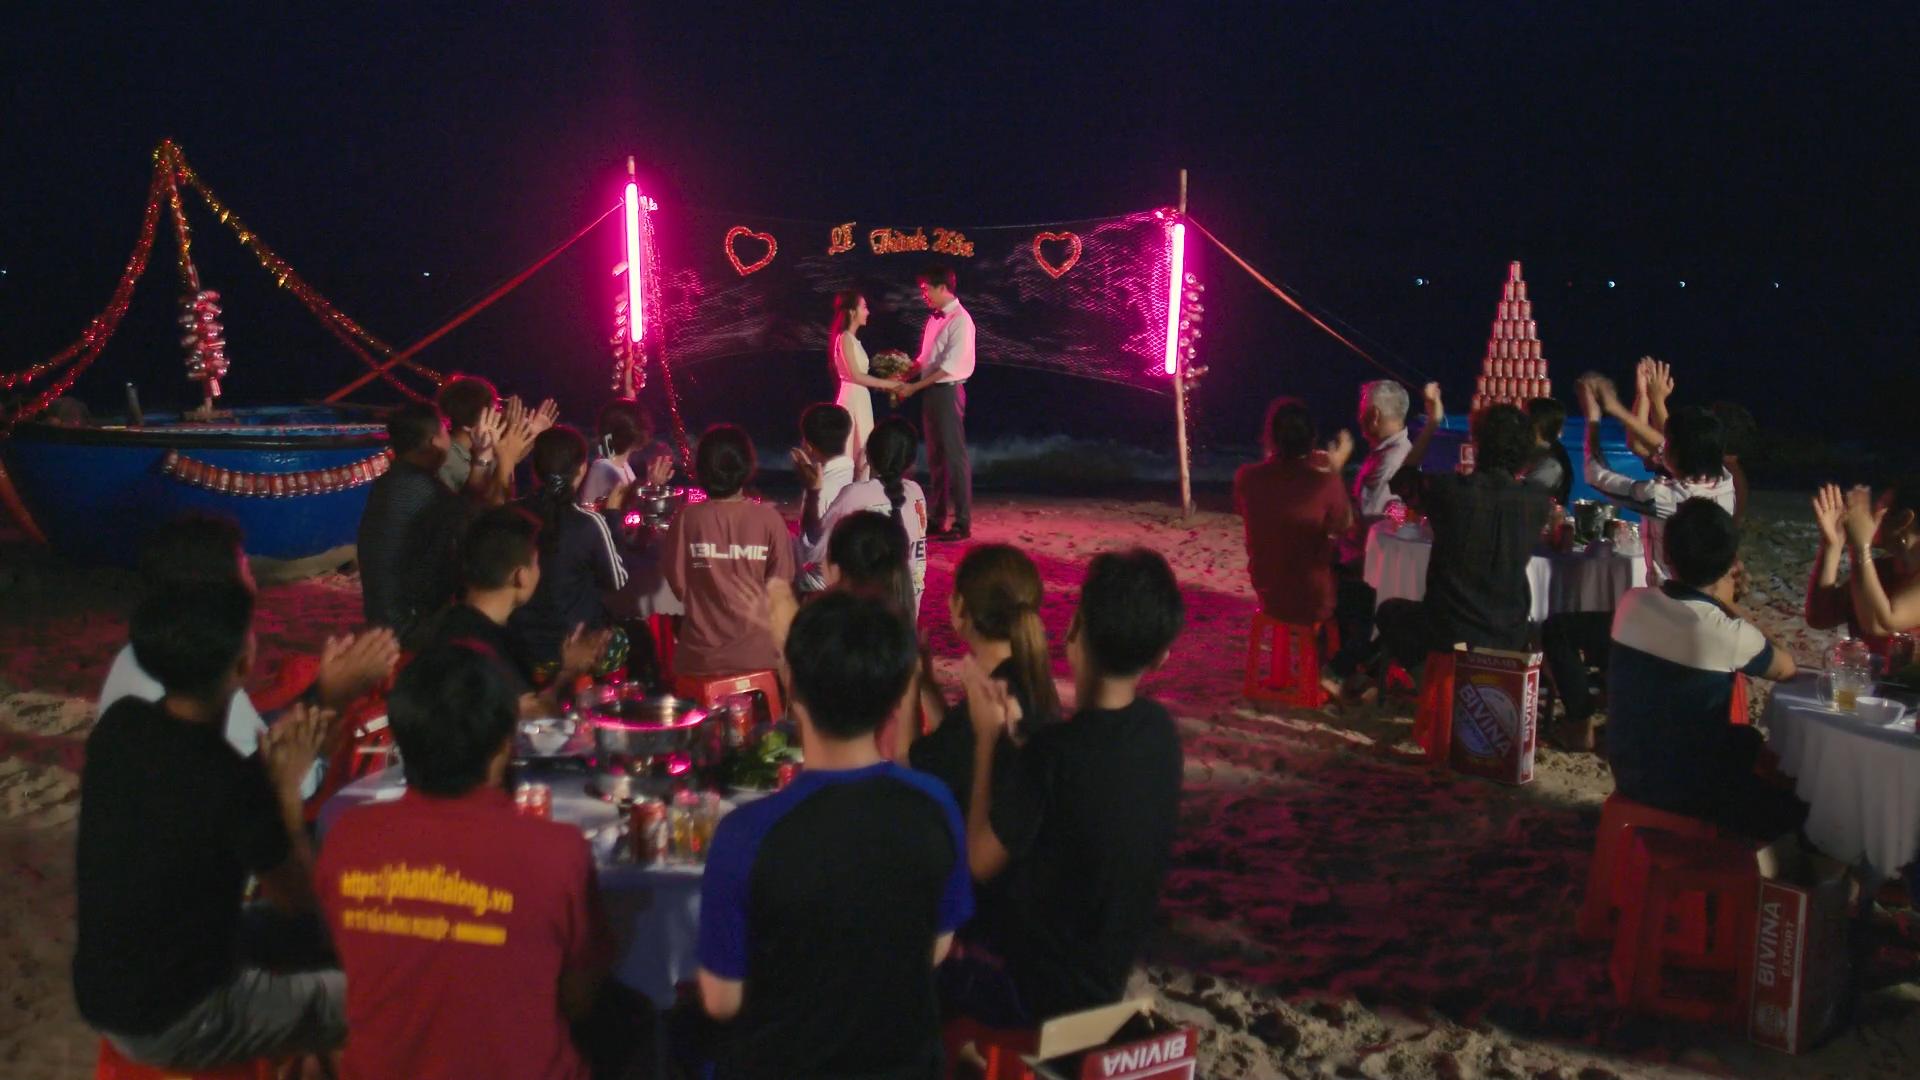 Web drama Hậu Duệ Của Biển chính thức khép lại với cái kết đầy ấn tượng - Ảnh 2.